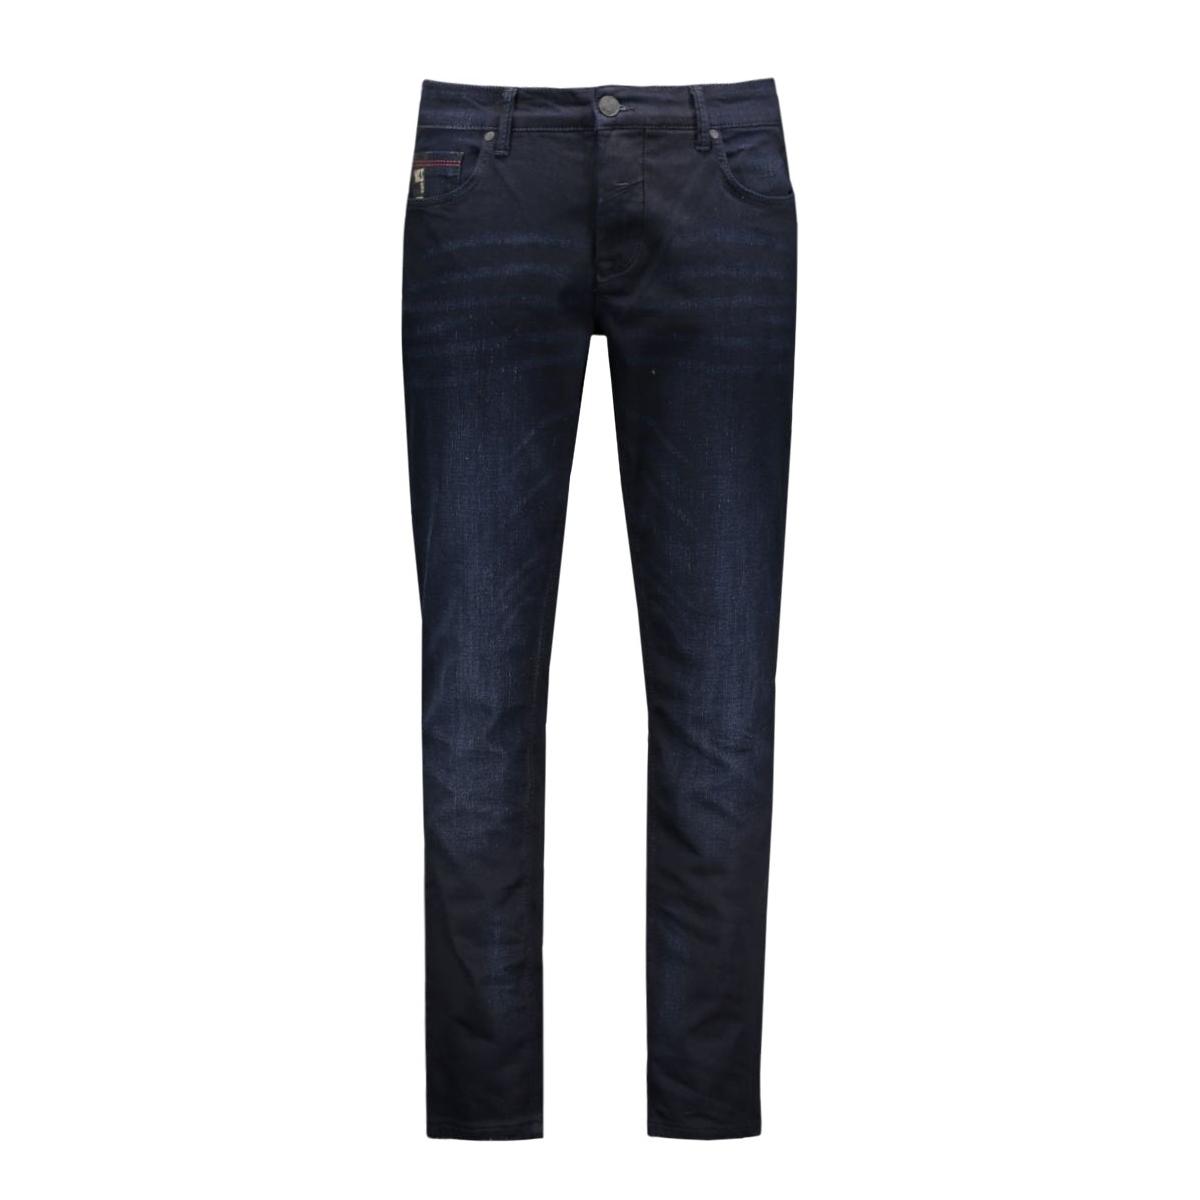 78711d2032 no-excess jeans dark denim